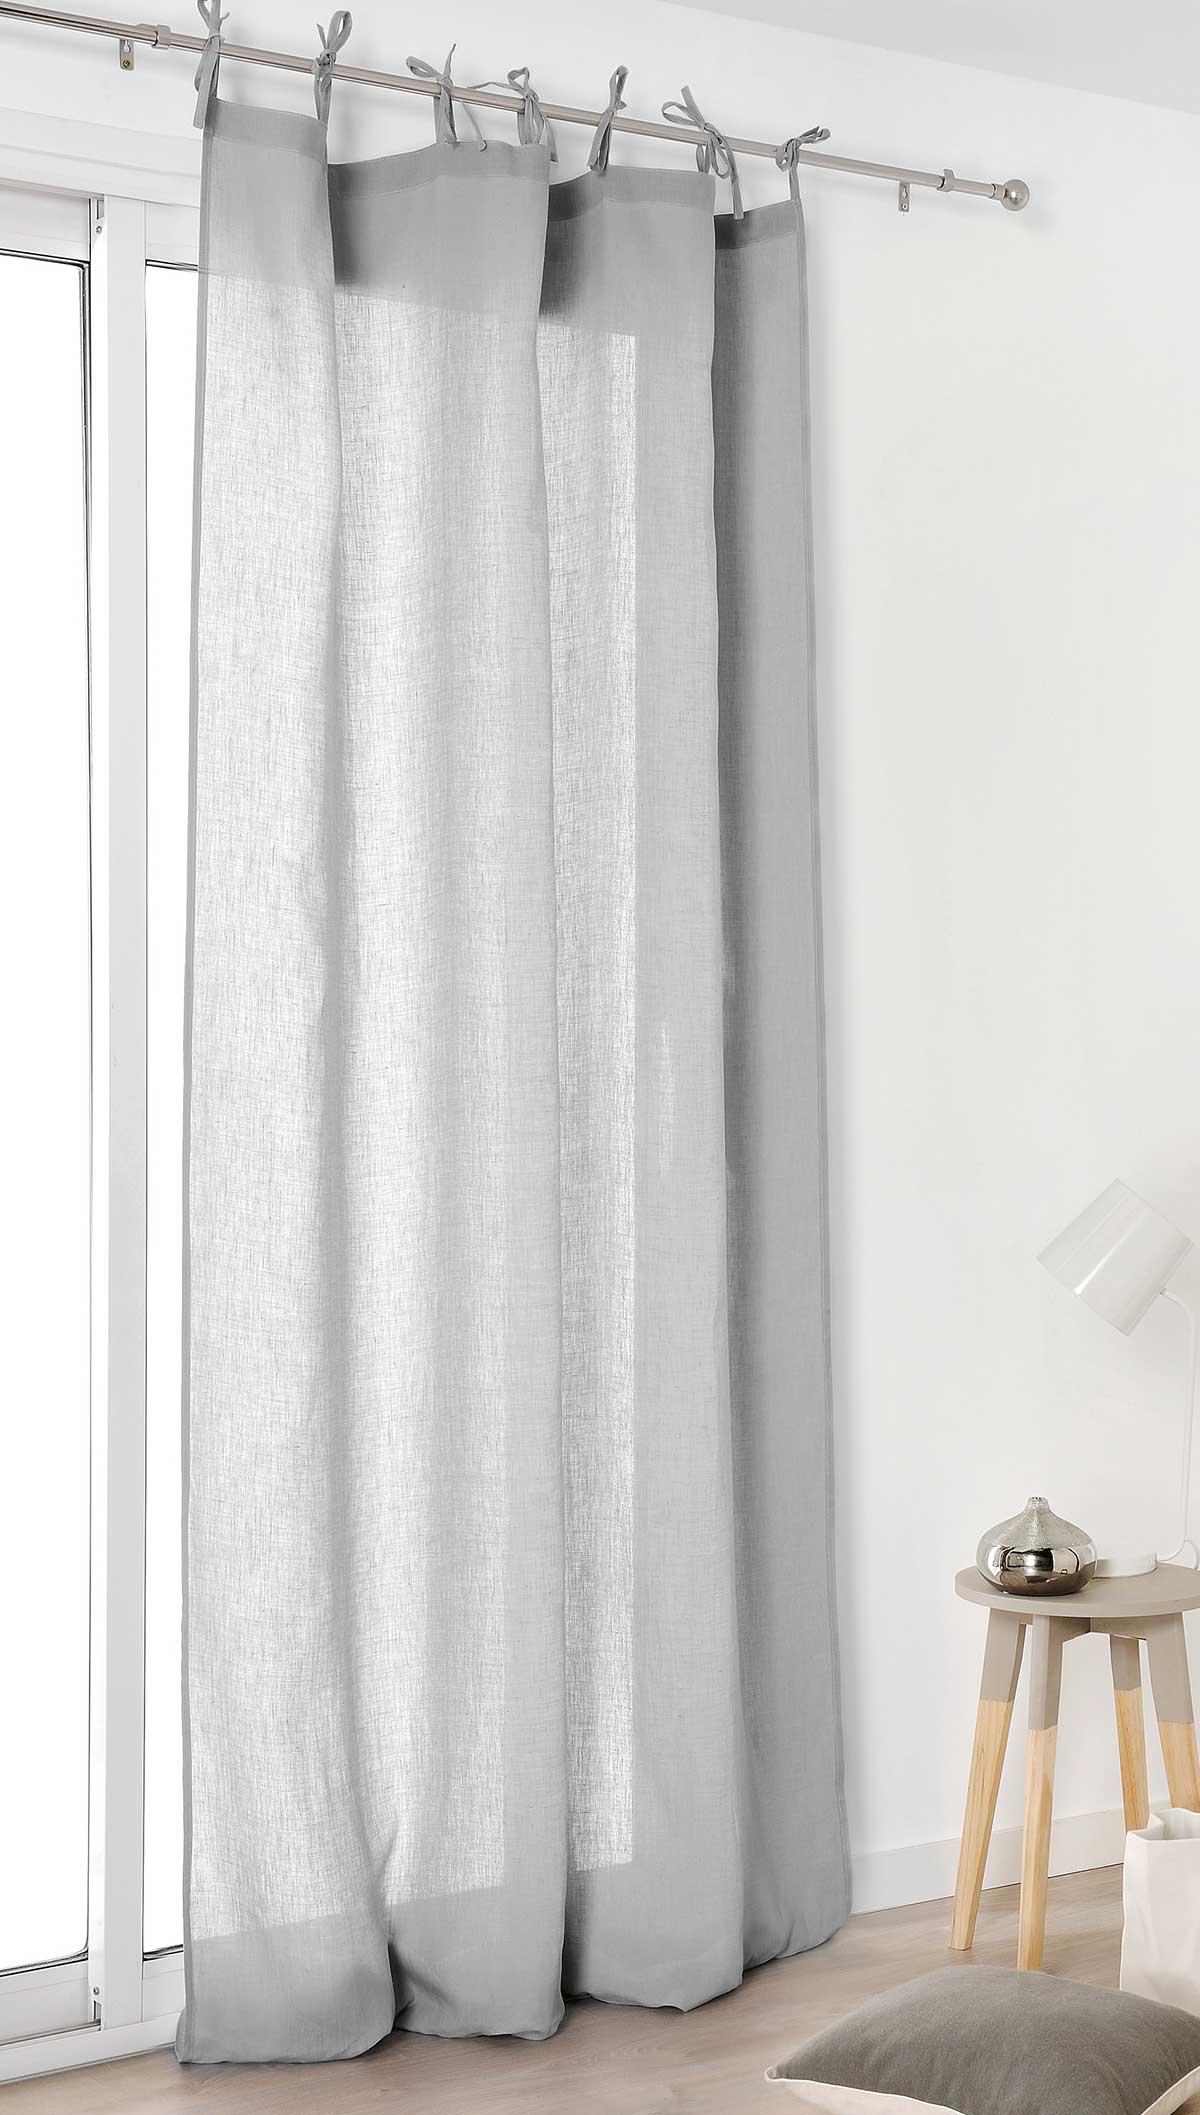 Voilage nouettes en 100 lin gris blanc ivoire beige vert rose homemaison for Voilage en lin